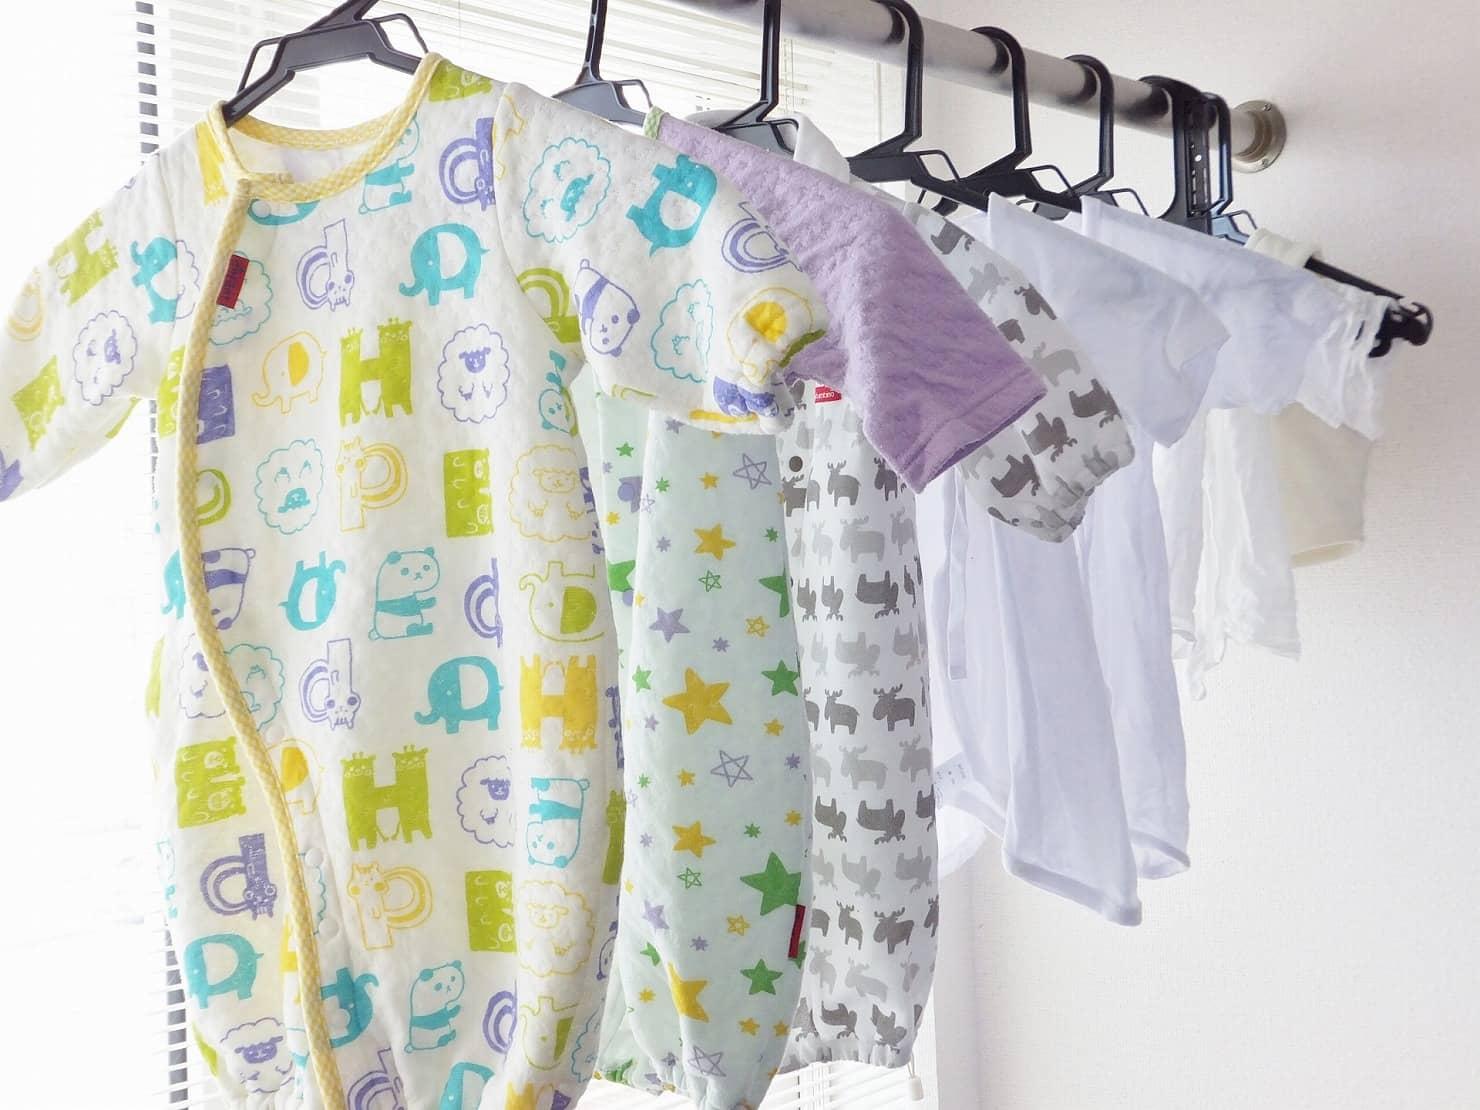 これでもう迷わない! 月齢別、季節別での赤ちゃんの服装の選び方